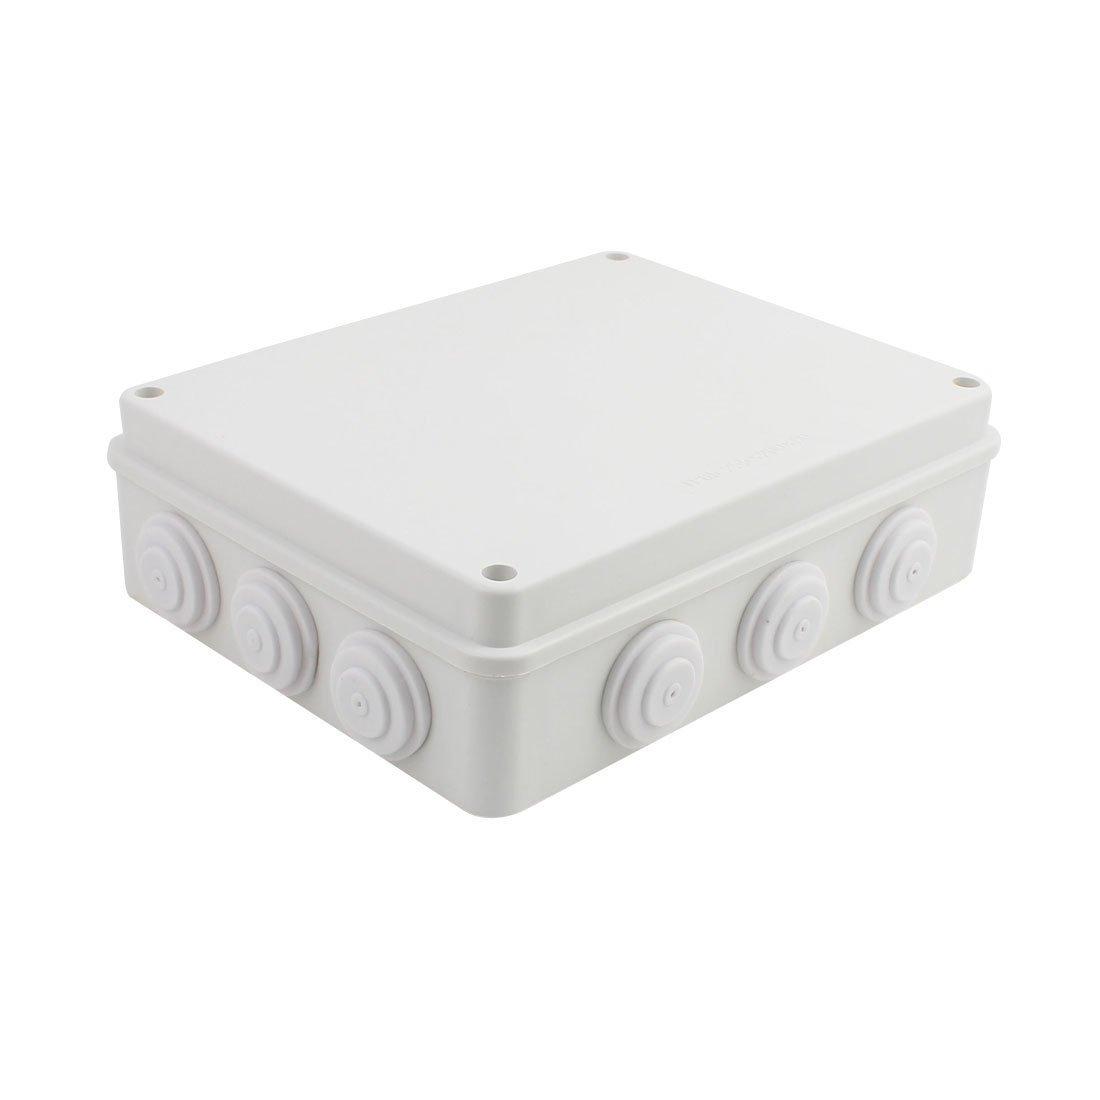 OSCAR Waterproof Junction Box